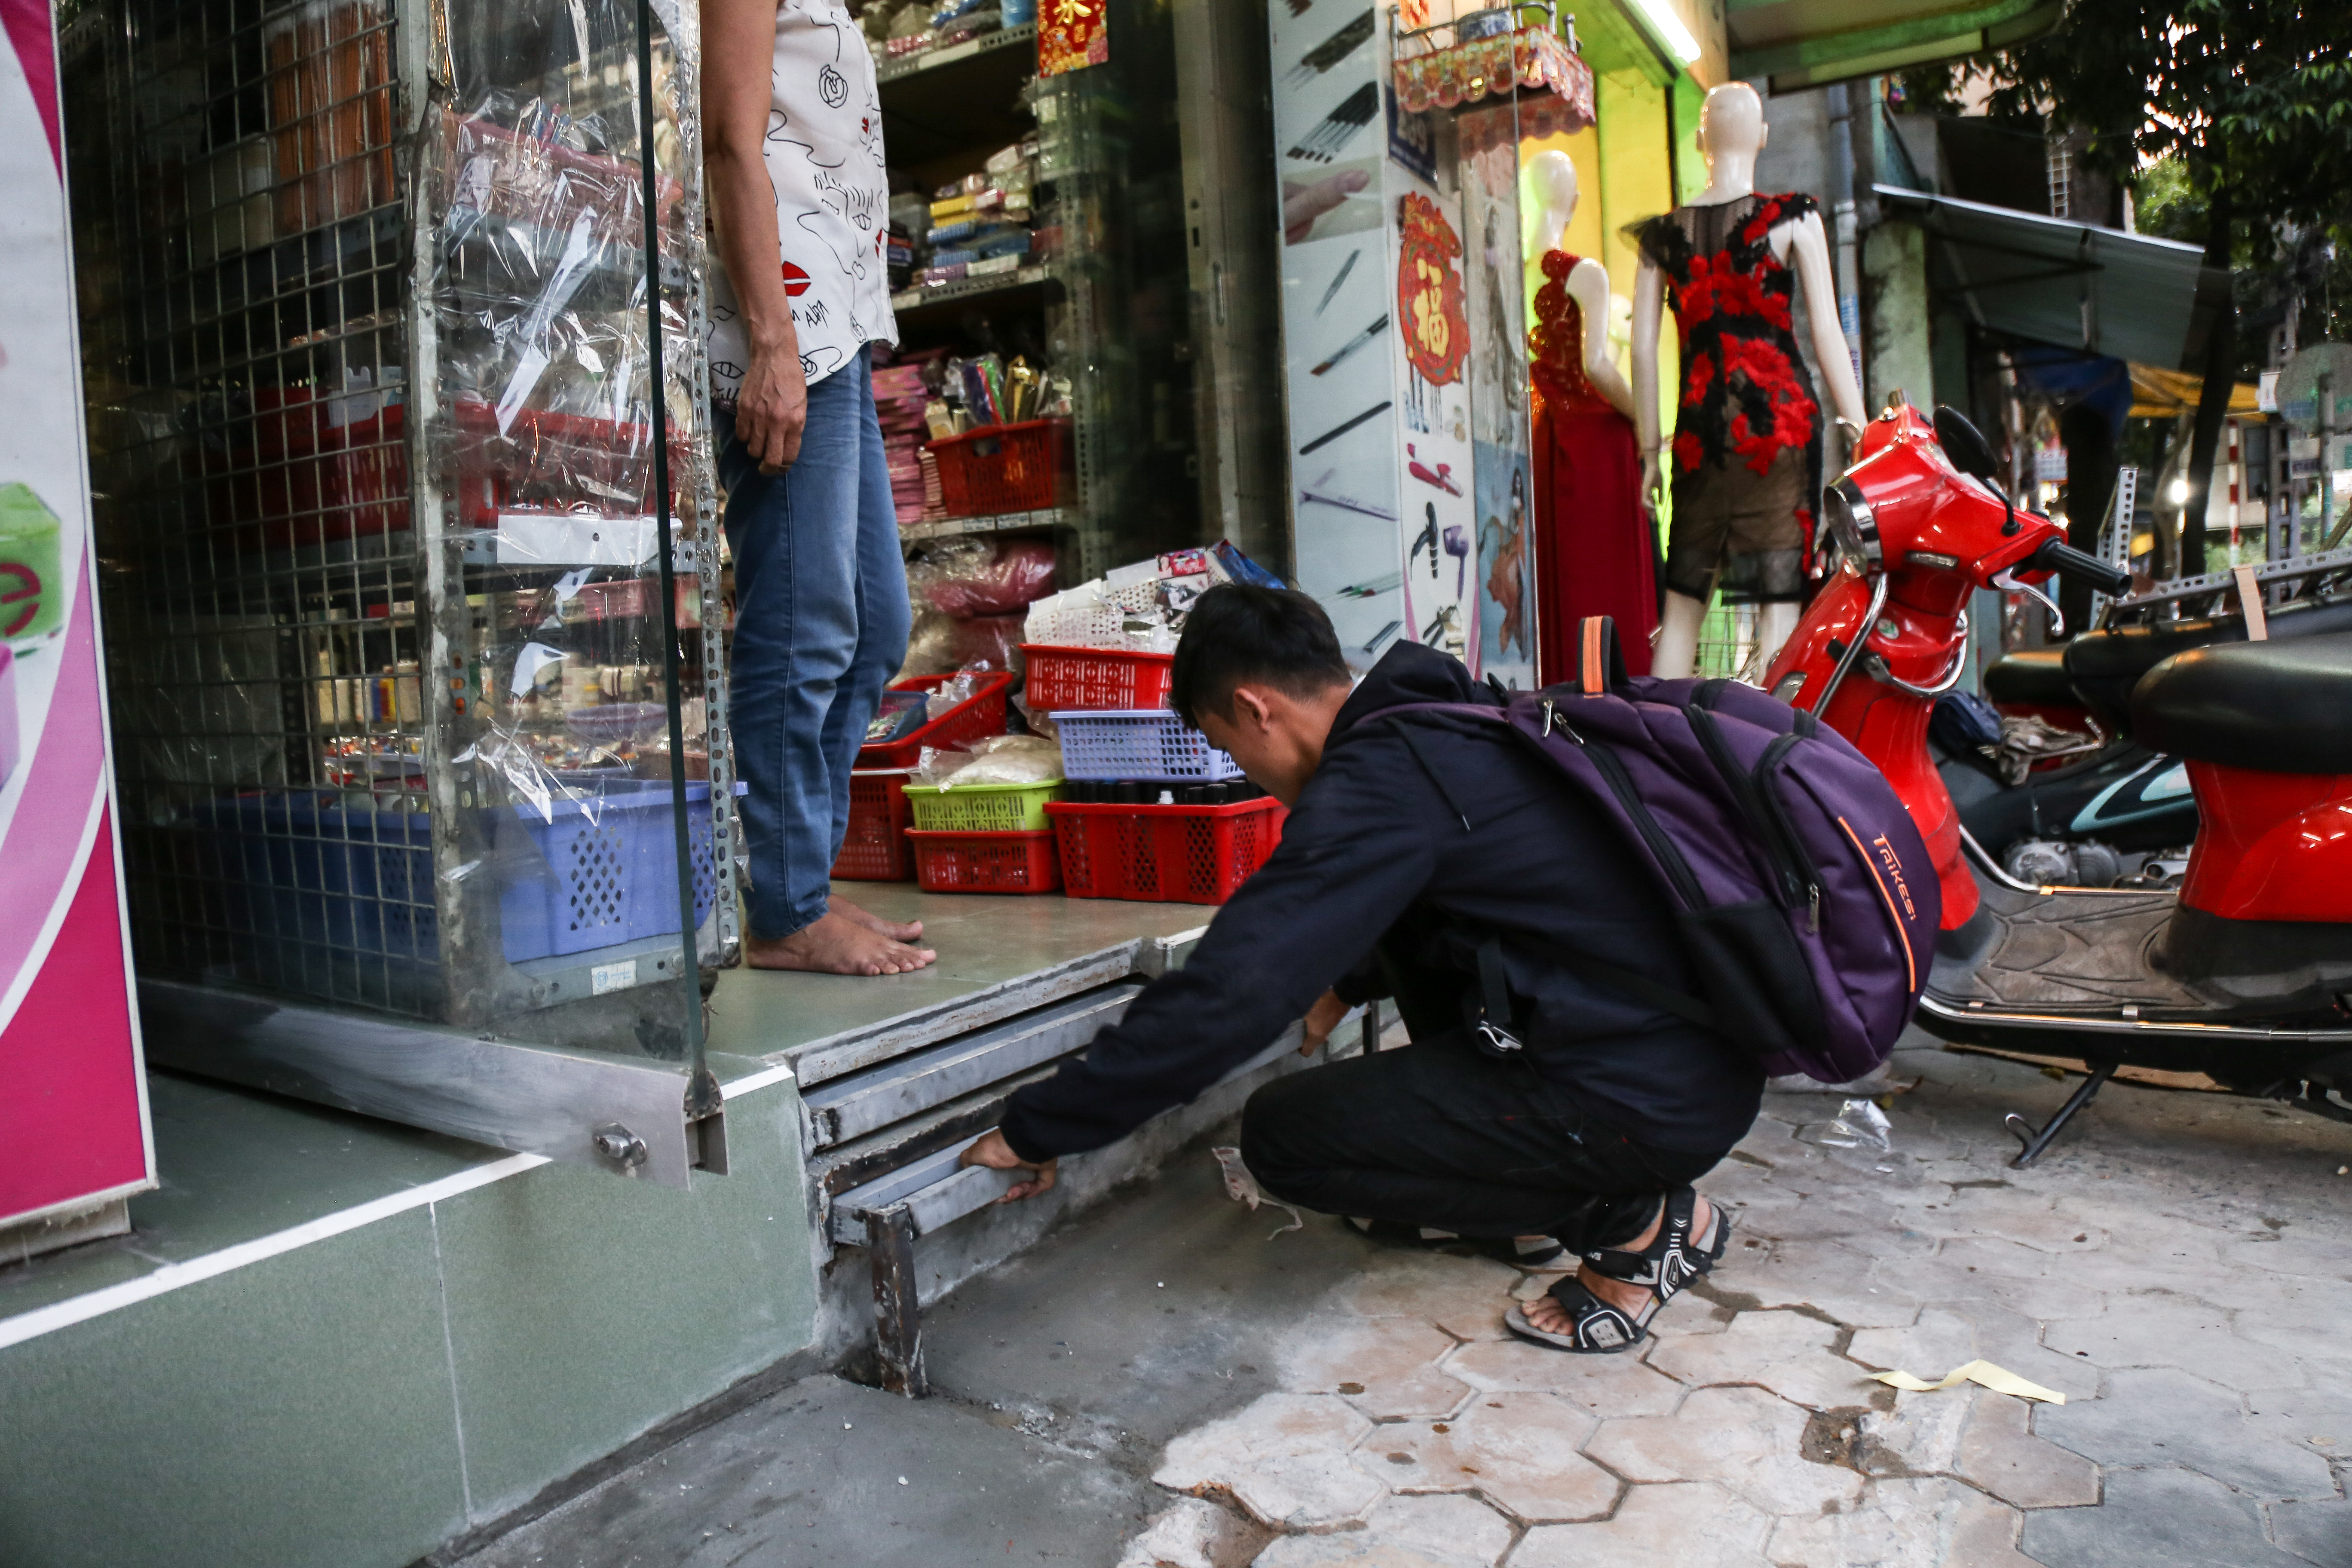 Cái khó ló cái khôn: Người Sài Gòn lắp bậc tam cấp di động như hộp tủ để không lấn chiếm vỉa hè - Ảnh 7.